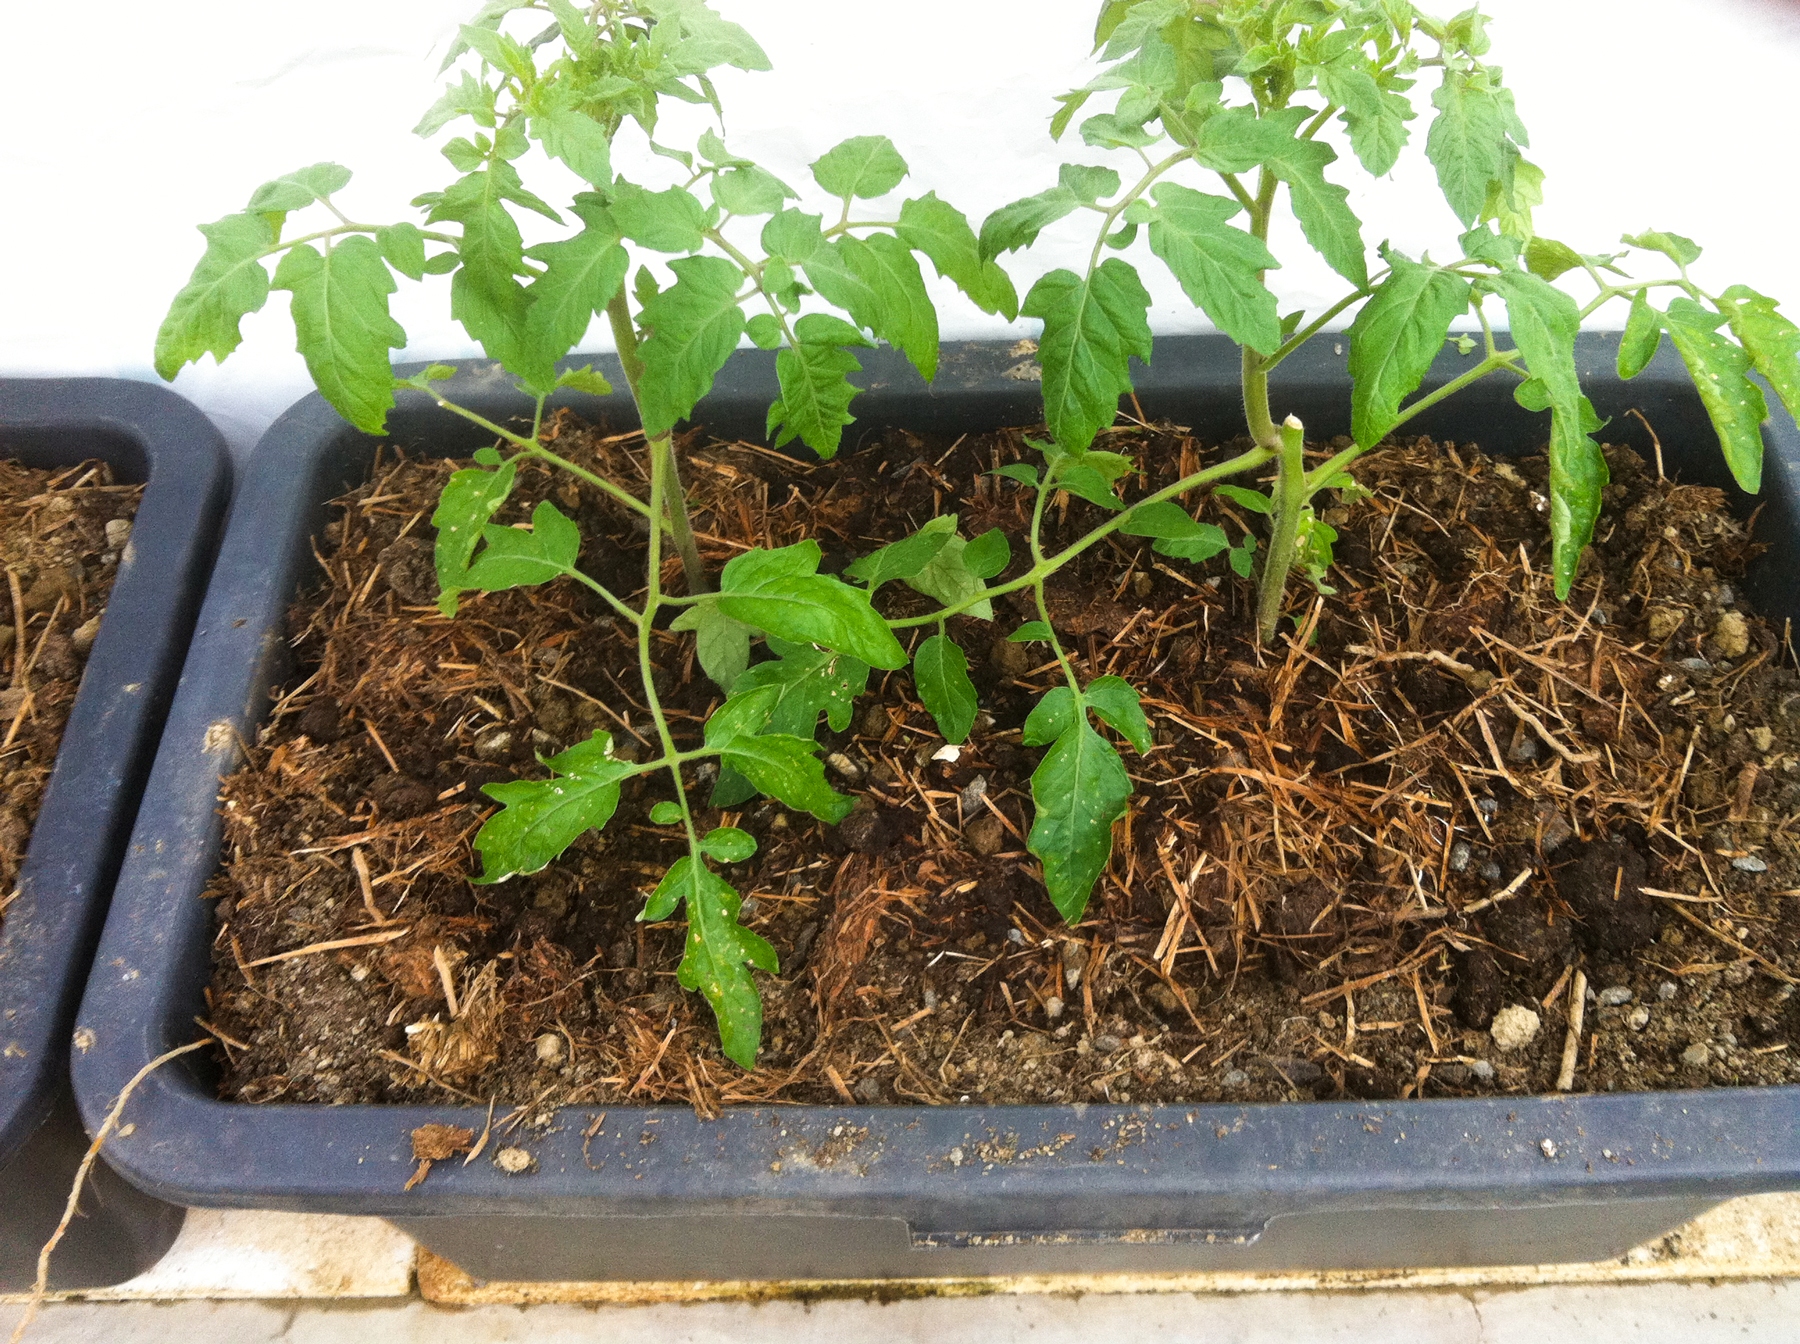 Tomatene ble i går plantet ut i en kortreist, hagenær jordblanding av leirjord, kompost og gammelt gress.